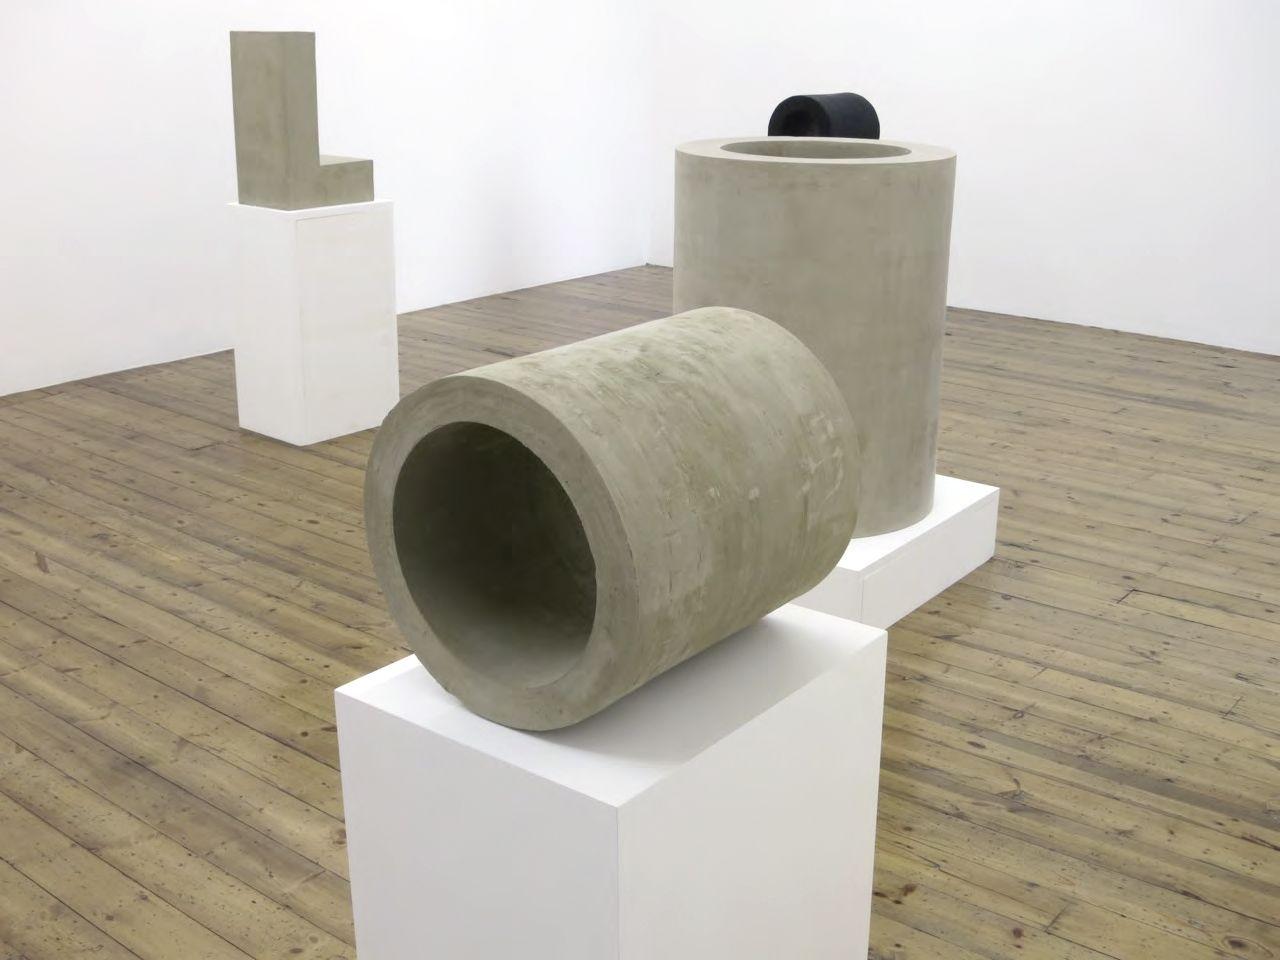 Peter FischliDavid Weiss